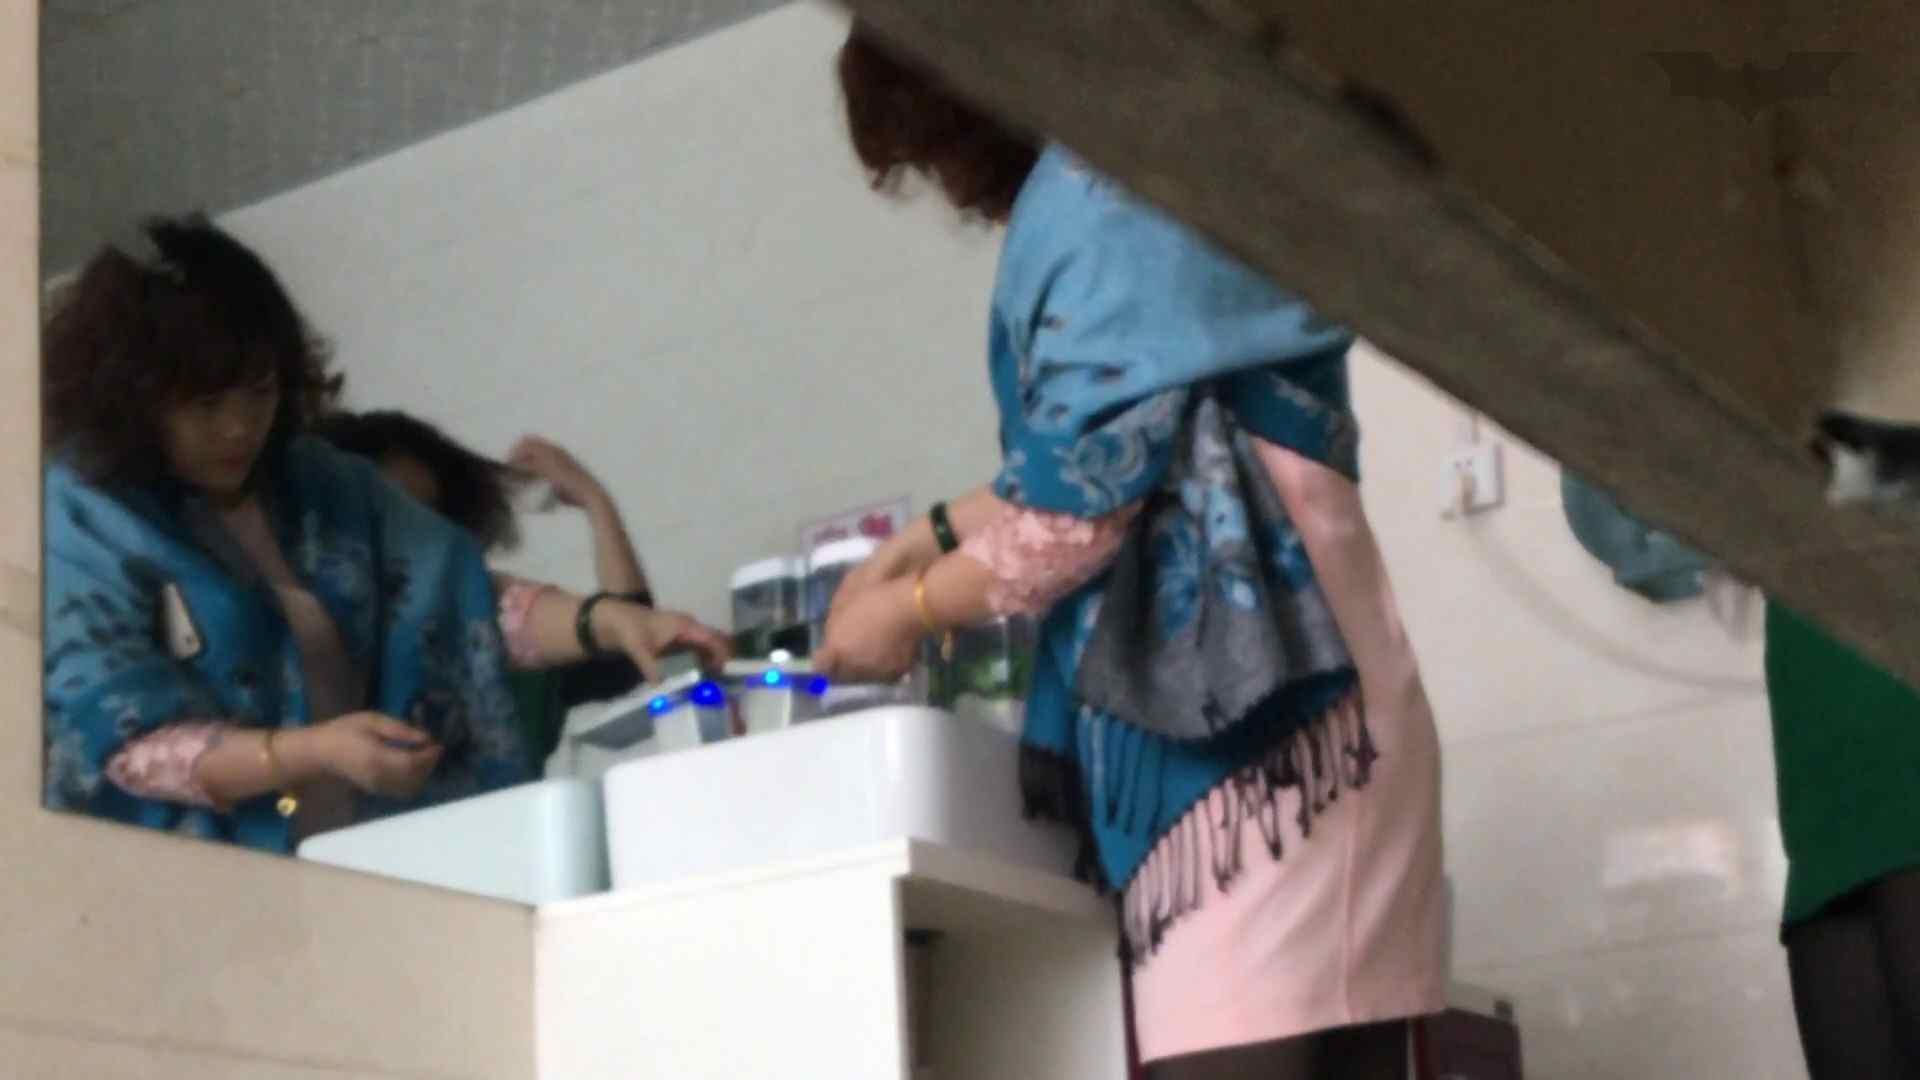 芸術大学ガチ潜入盗撮 JD盗撮 美女の洗面所の秘密 Vol.113 細身女性   潜入  74画像 13